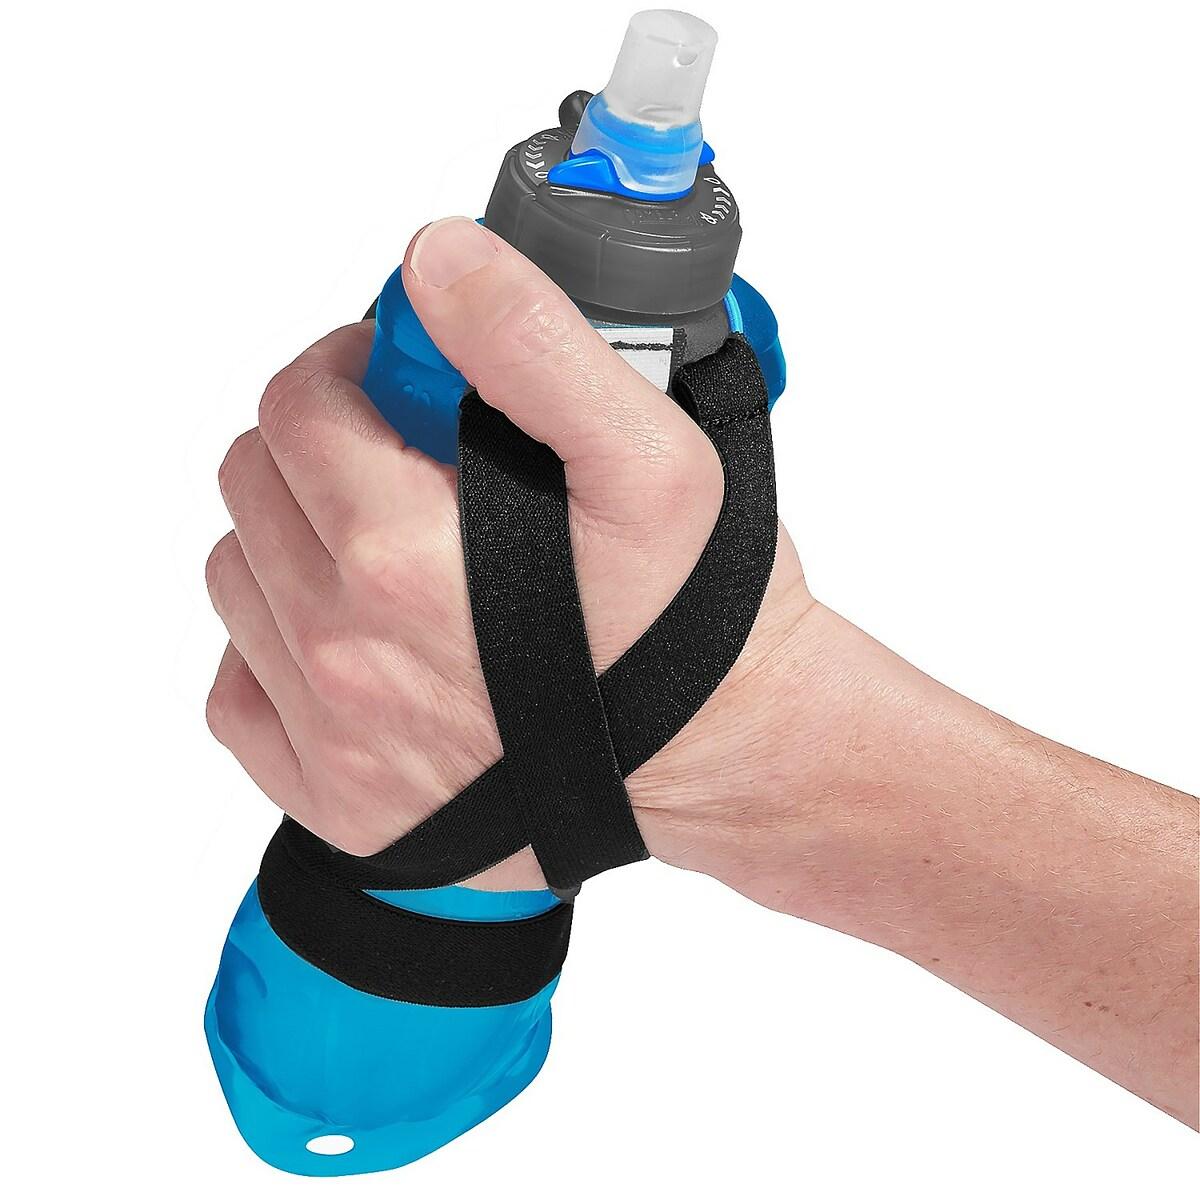 Nhiều VĐV chọn chai nước cầm tay để kịp bổ sung nước khi cần. Ảnh: Amazon.